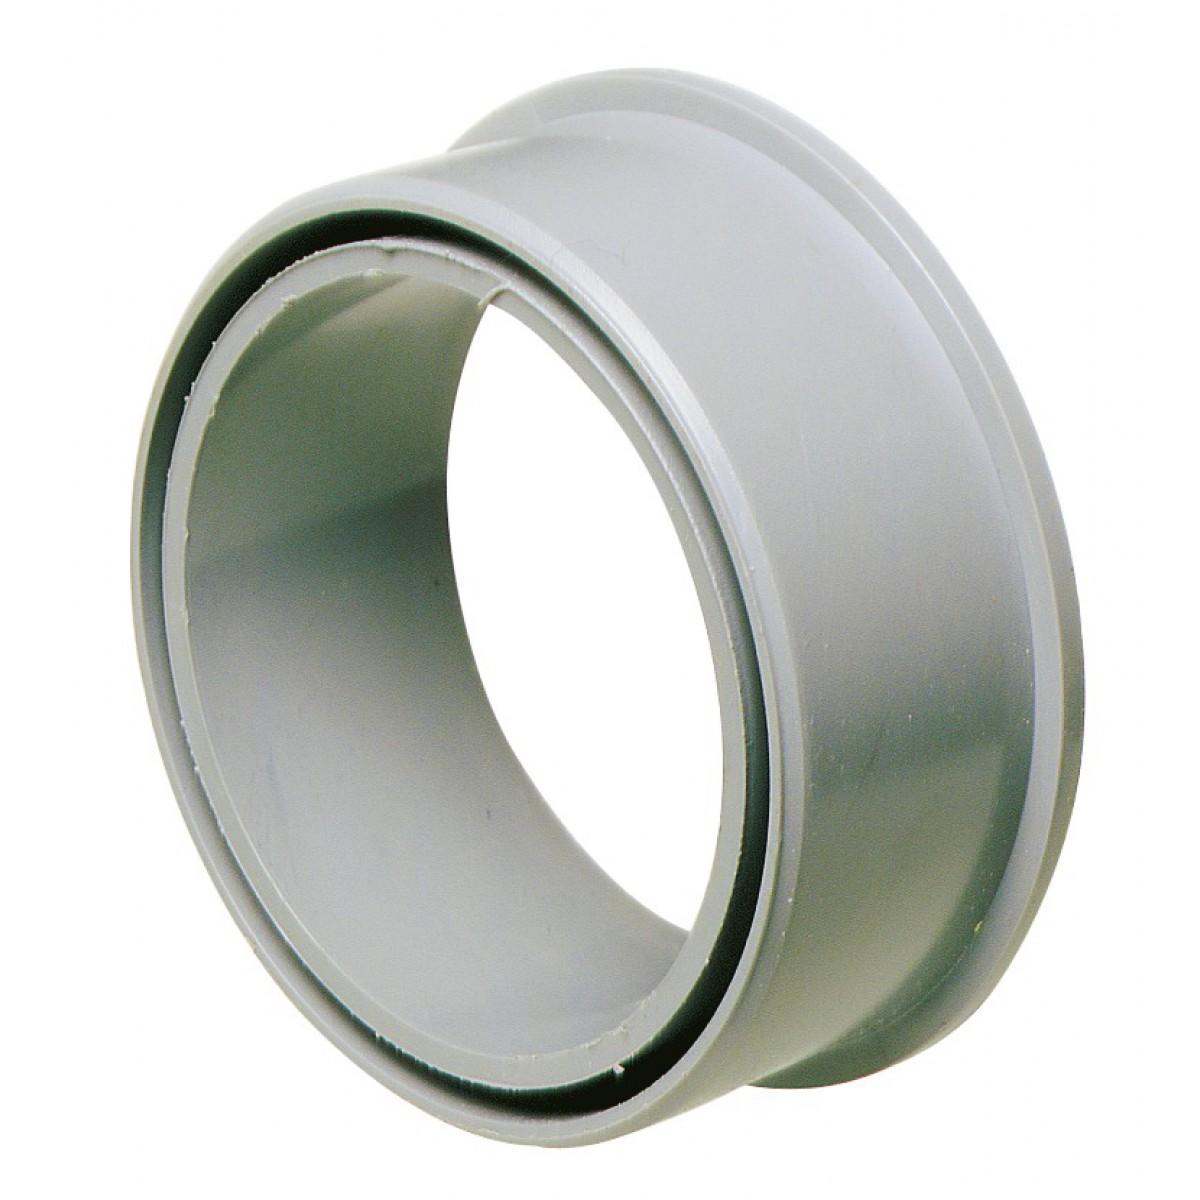 Tampon de réduction 1 piquage Mâle / Femelle Girpi - Diamètre 63 - 40 mm